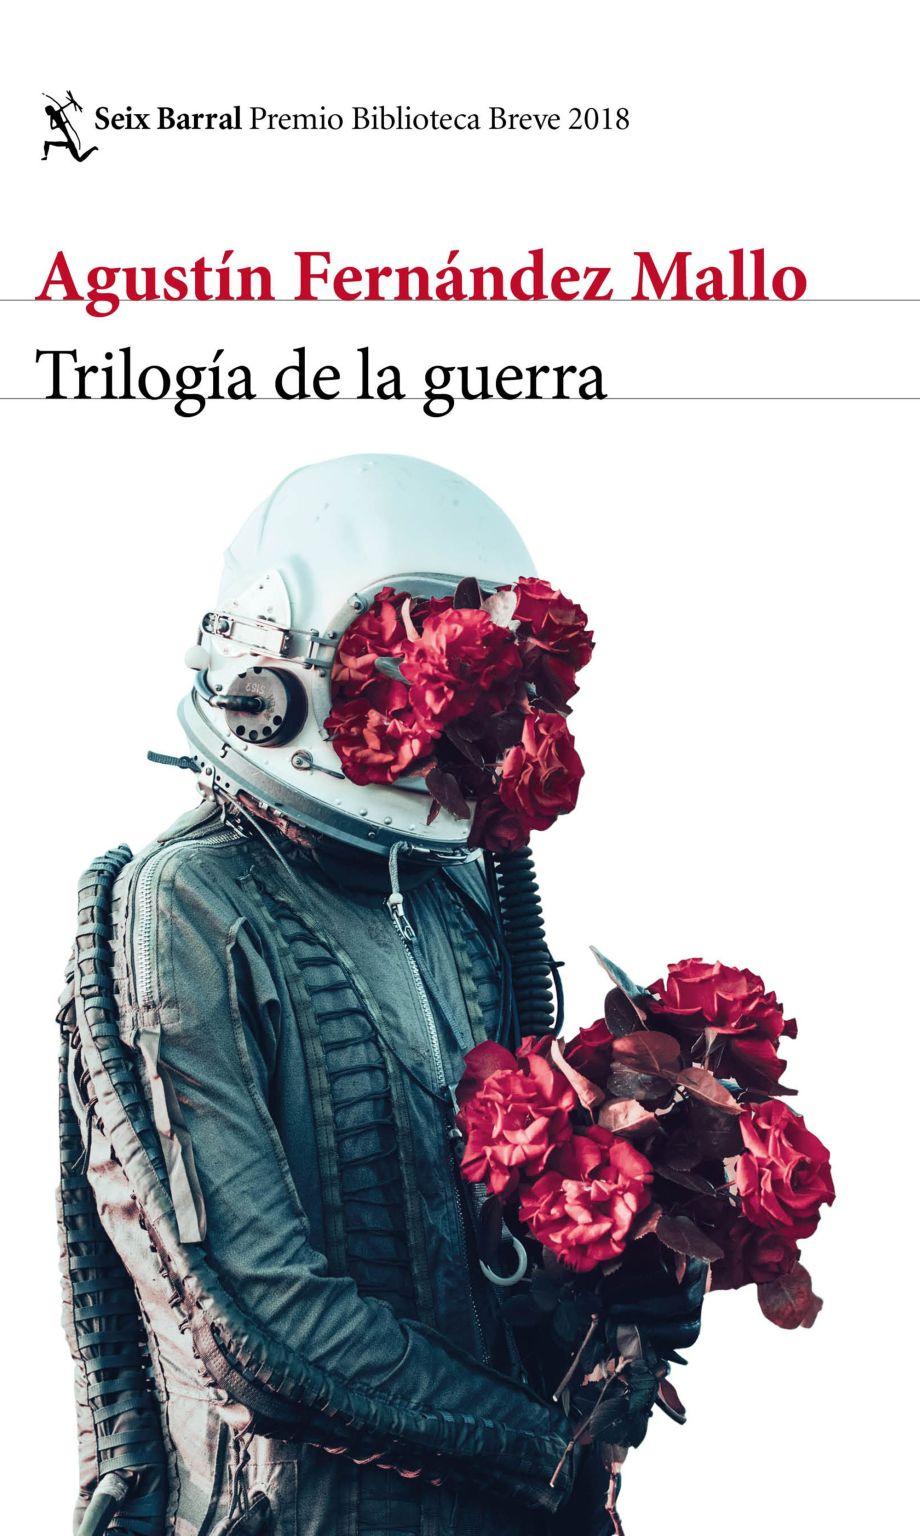 trilogia-de-la-guerra_agustin-fernandez-mallo